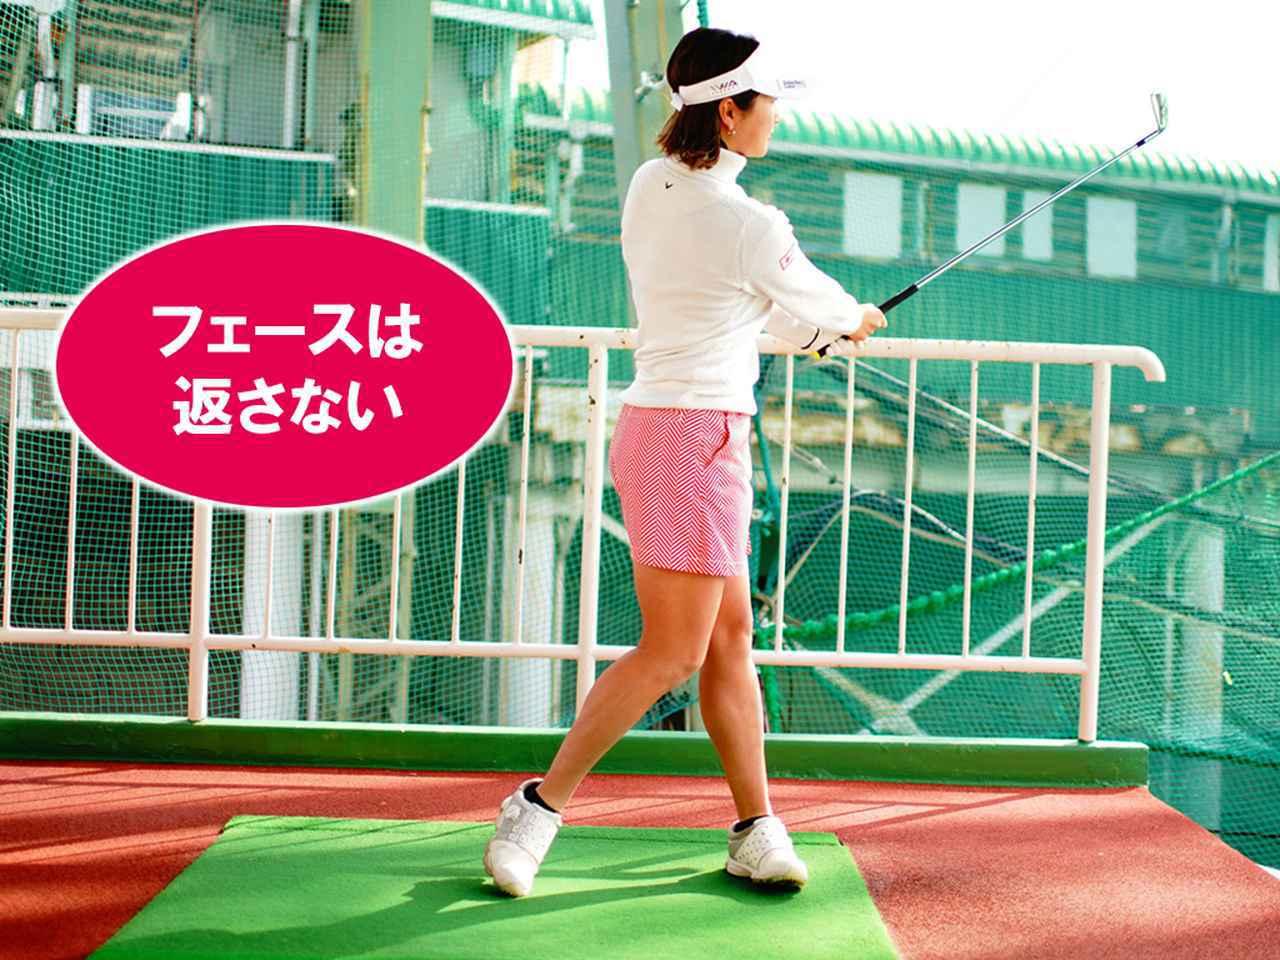 画像5: 【スウィング研究】アマチュアにやってほしいシャフト寝かせ②。井上梨花プロのシャフトを寝かせるスウィングで安定感アップ!